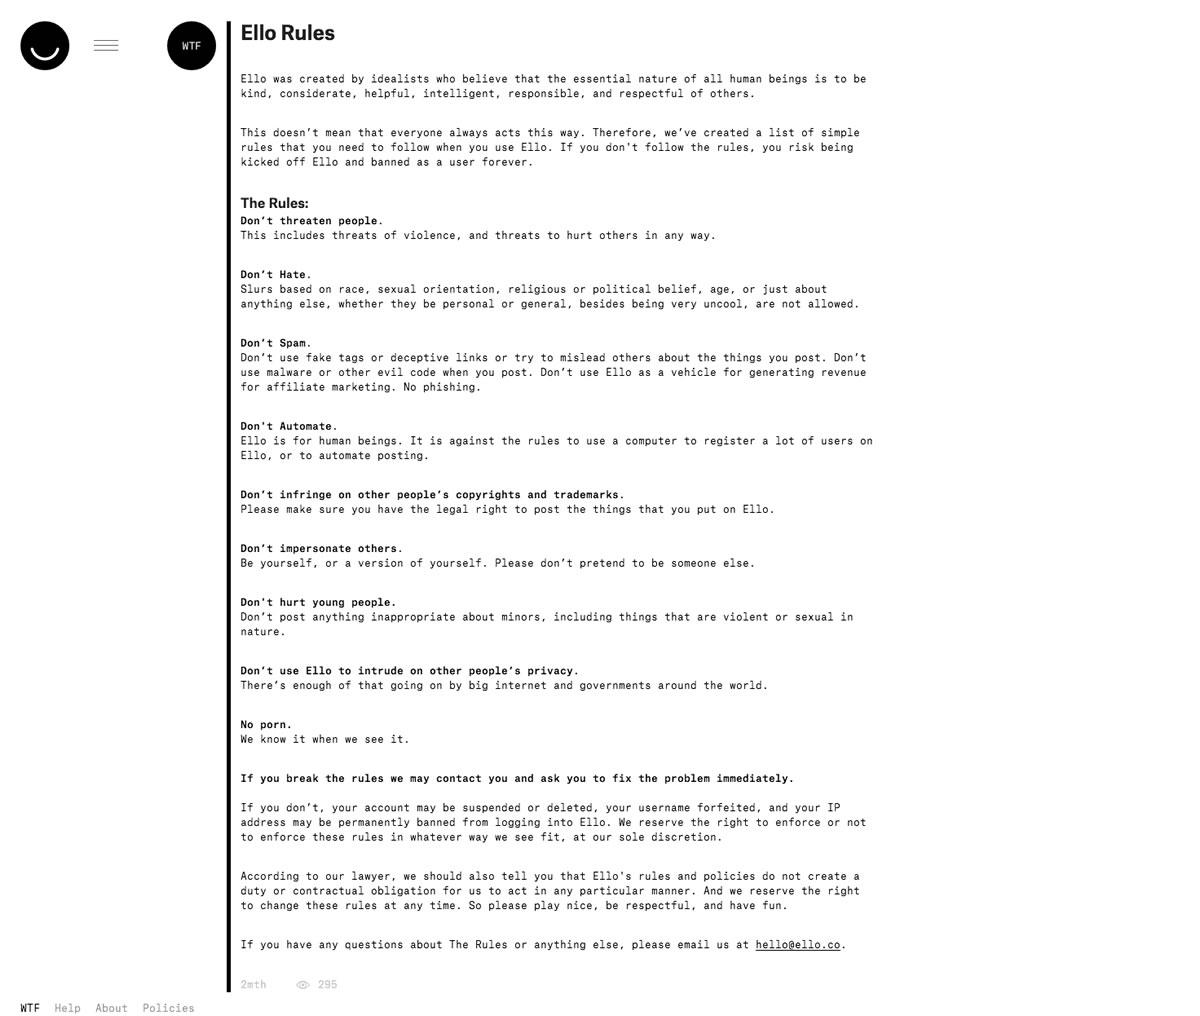 ello-rules